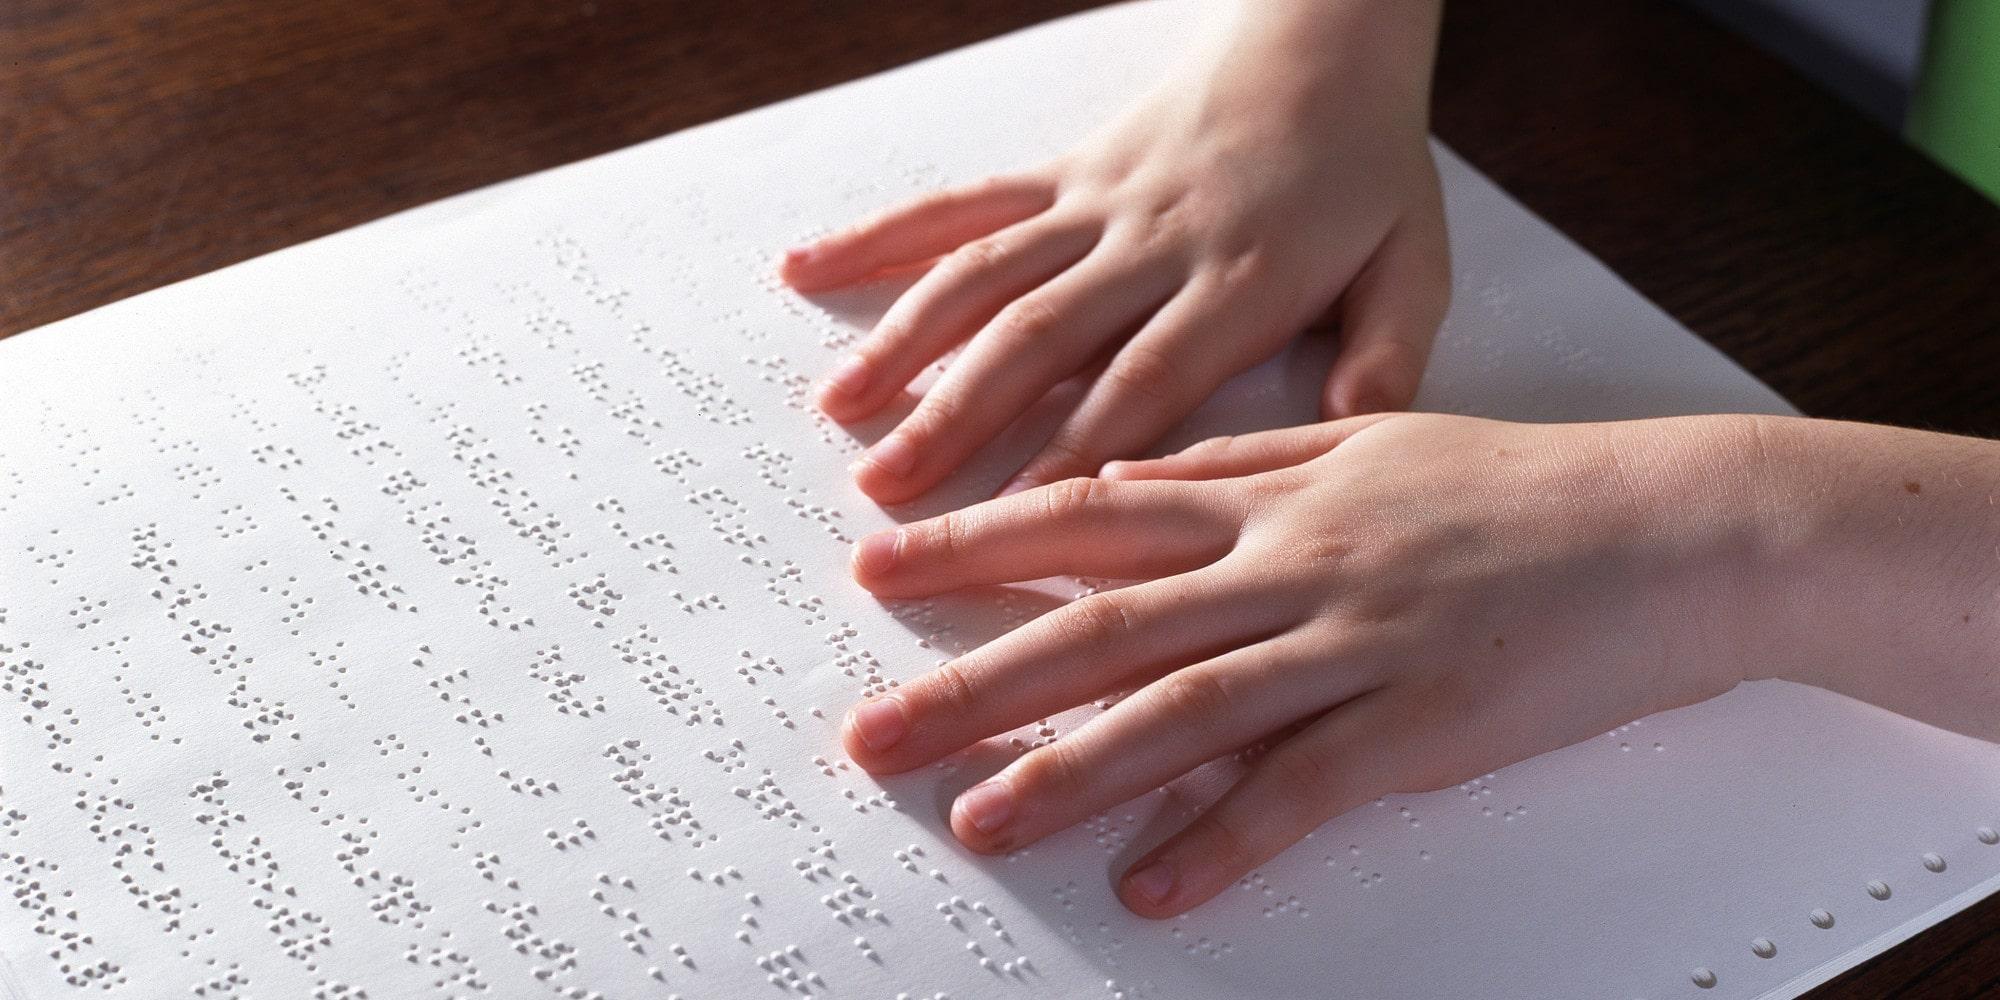 Ранняя потеря зрения влияет на двигательные функции детей